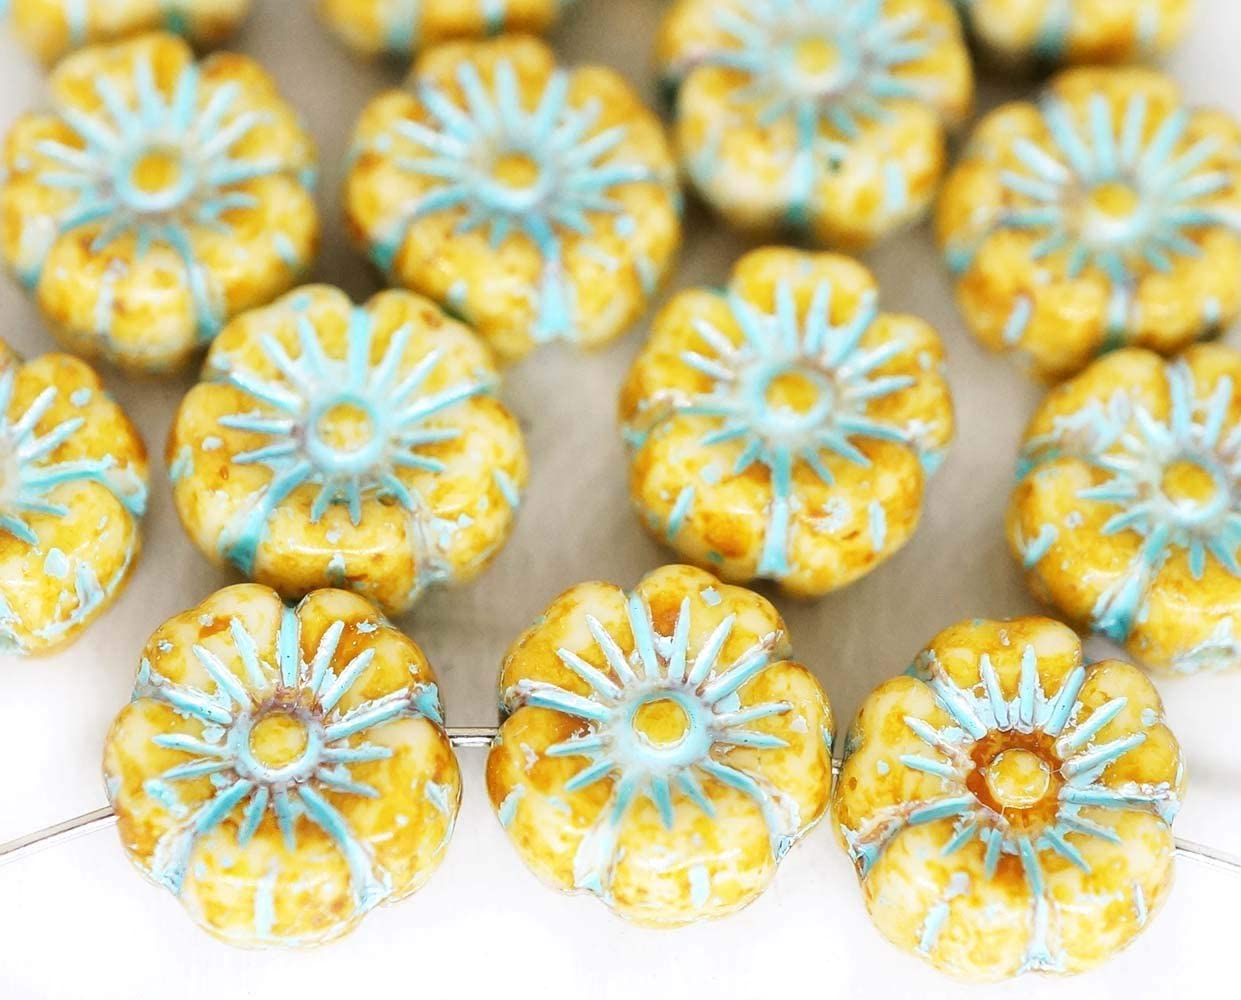 20pcs Picasso Amarillo de Alabastro de color Azul Turquesa de Lavado Pátina Plana Moneda Ronda de la Flor de Cristal checo de la Anémona de la Flor de Sol Focal Colgante de Perlas de 9mm